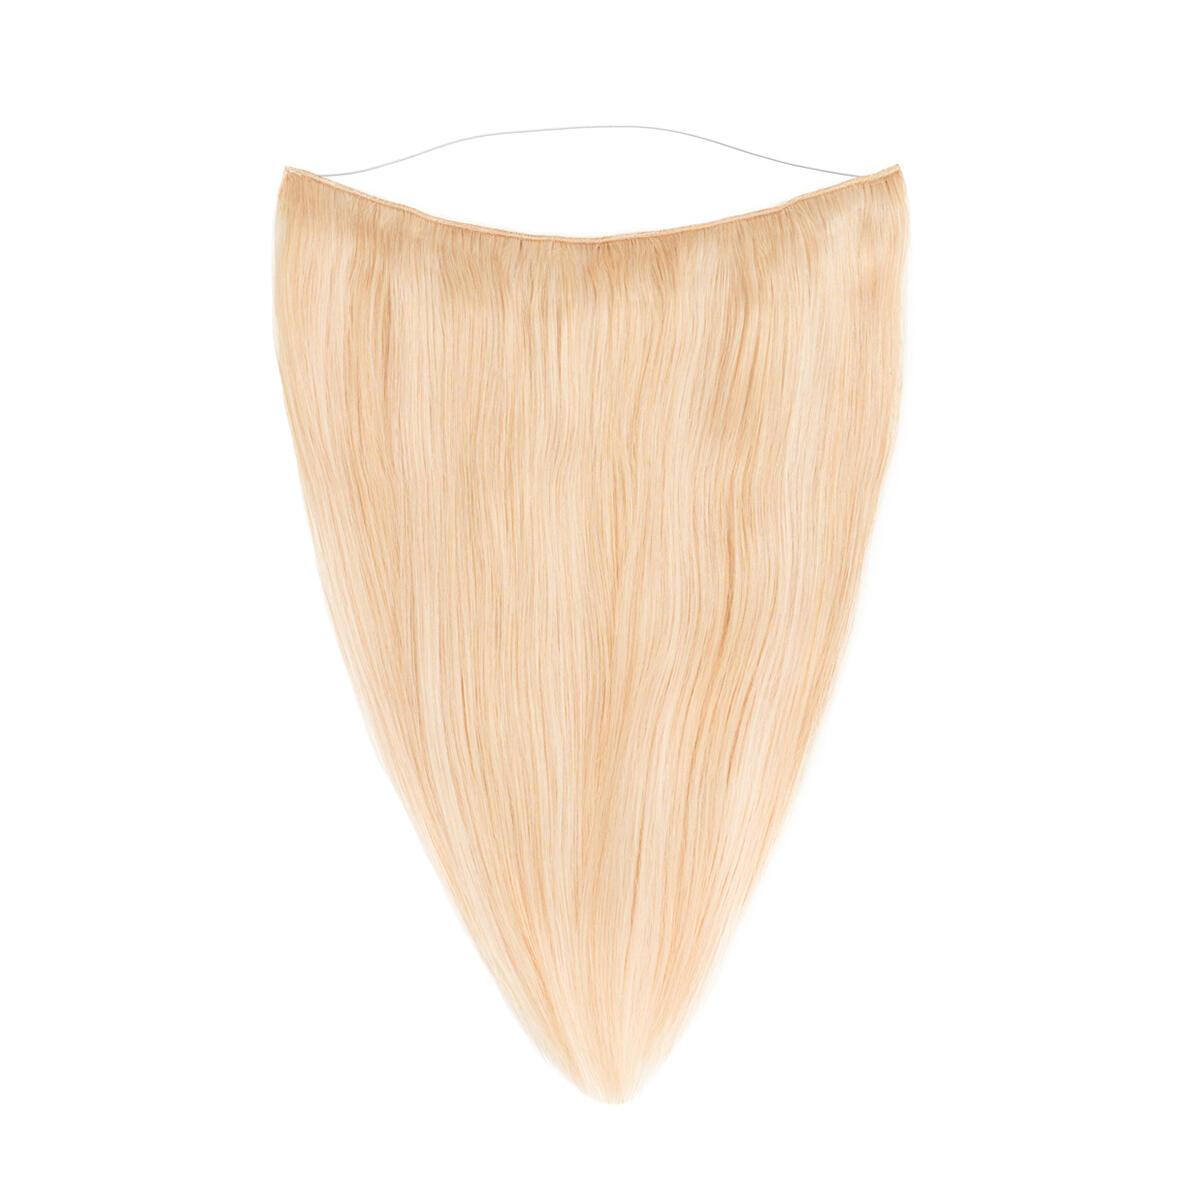 Hairband Original M7.8/10.8 Light Golden Mix 45 cm